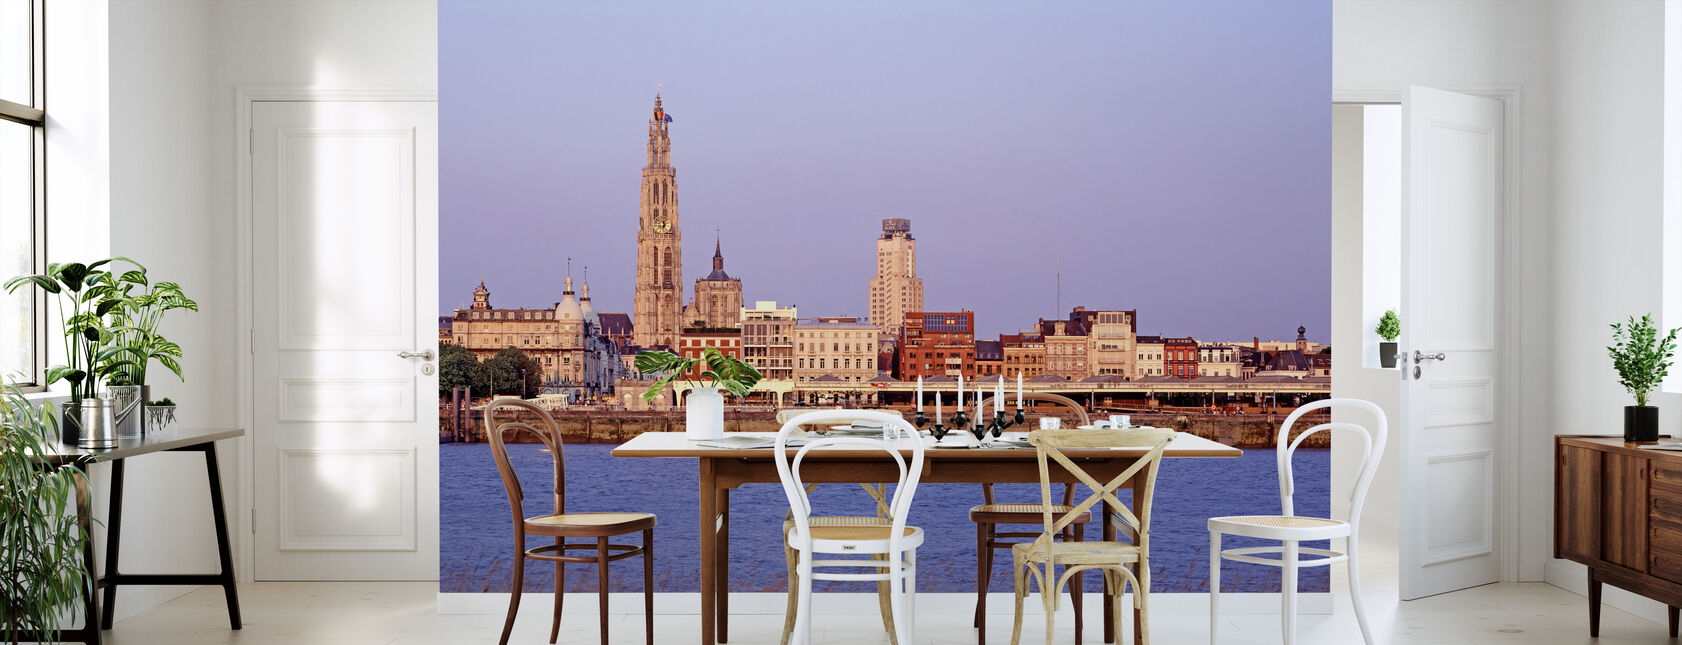 Antwerp Skyline al atardecer - Papel pintado - Cocina